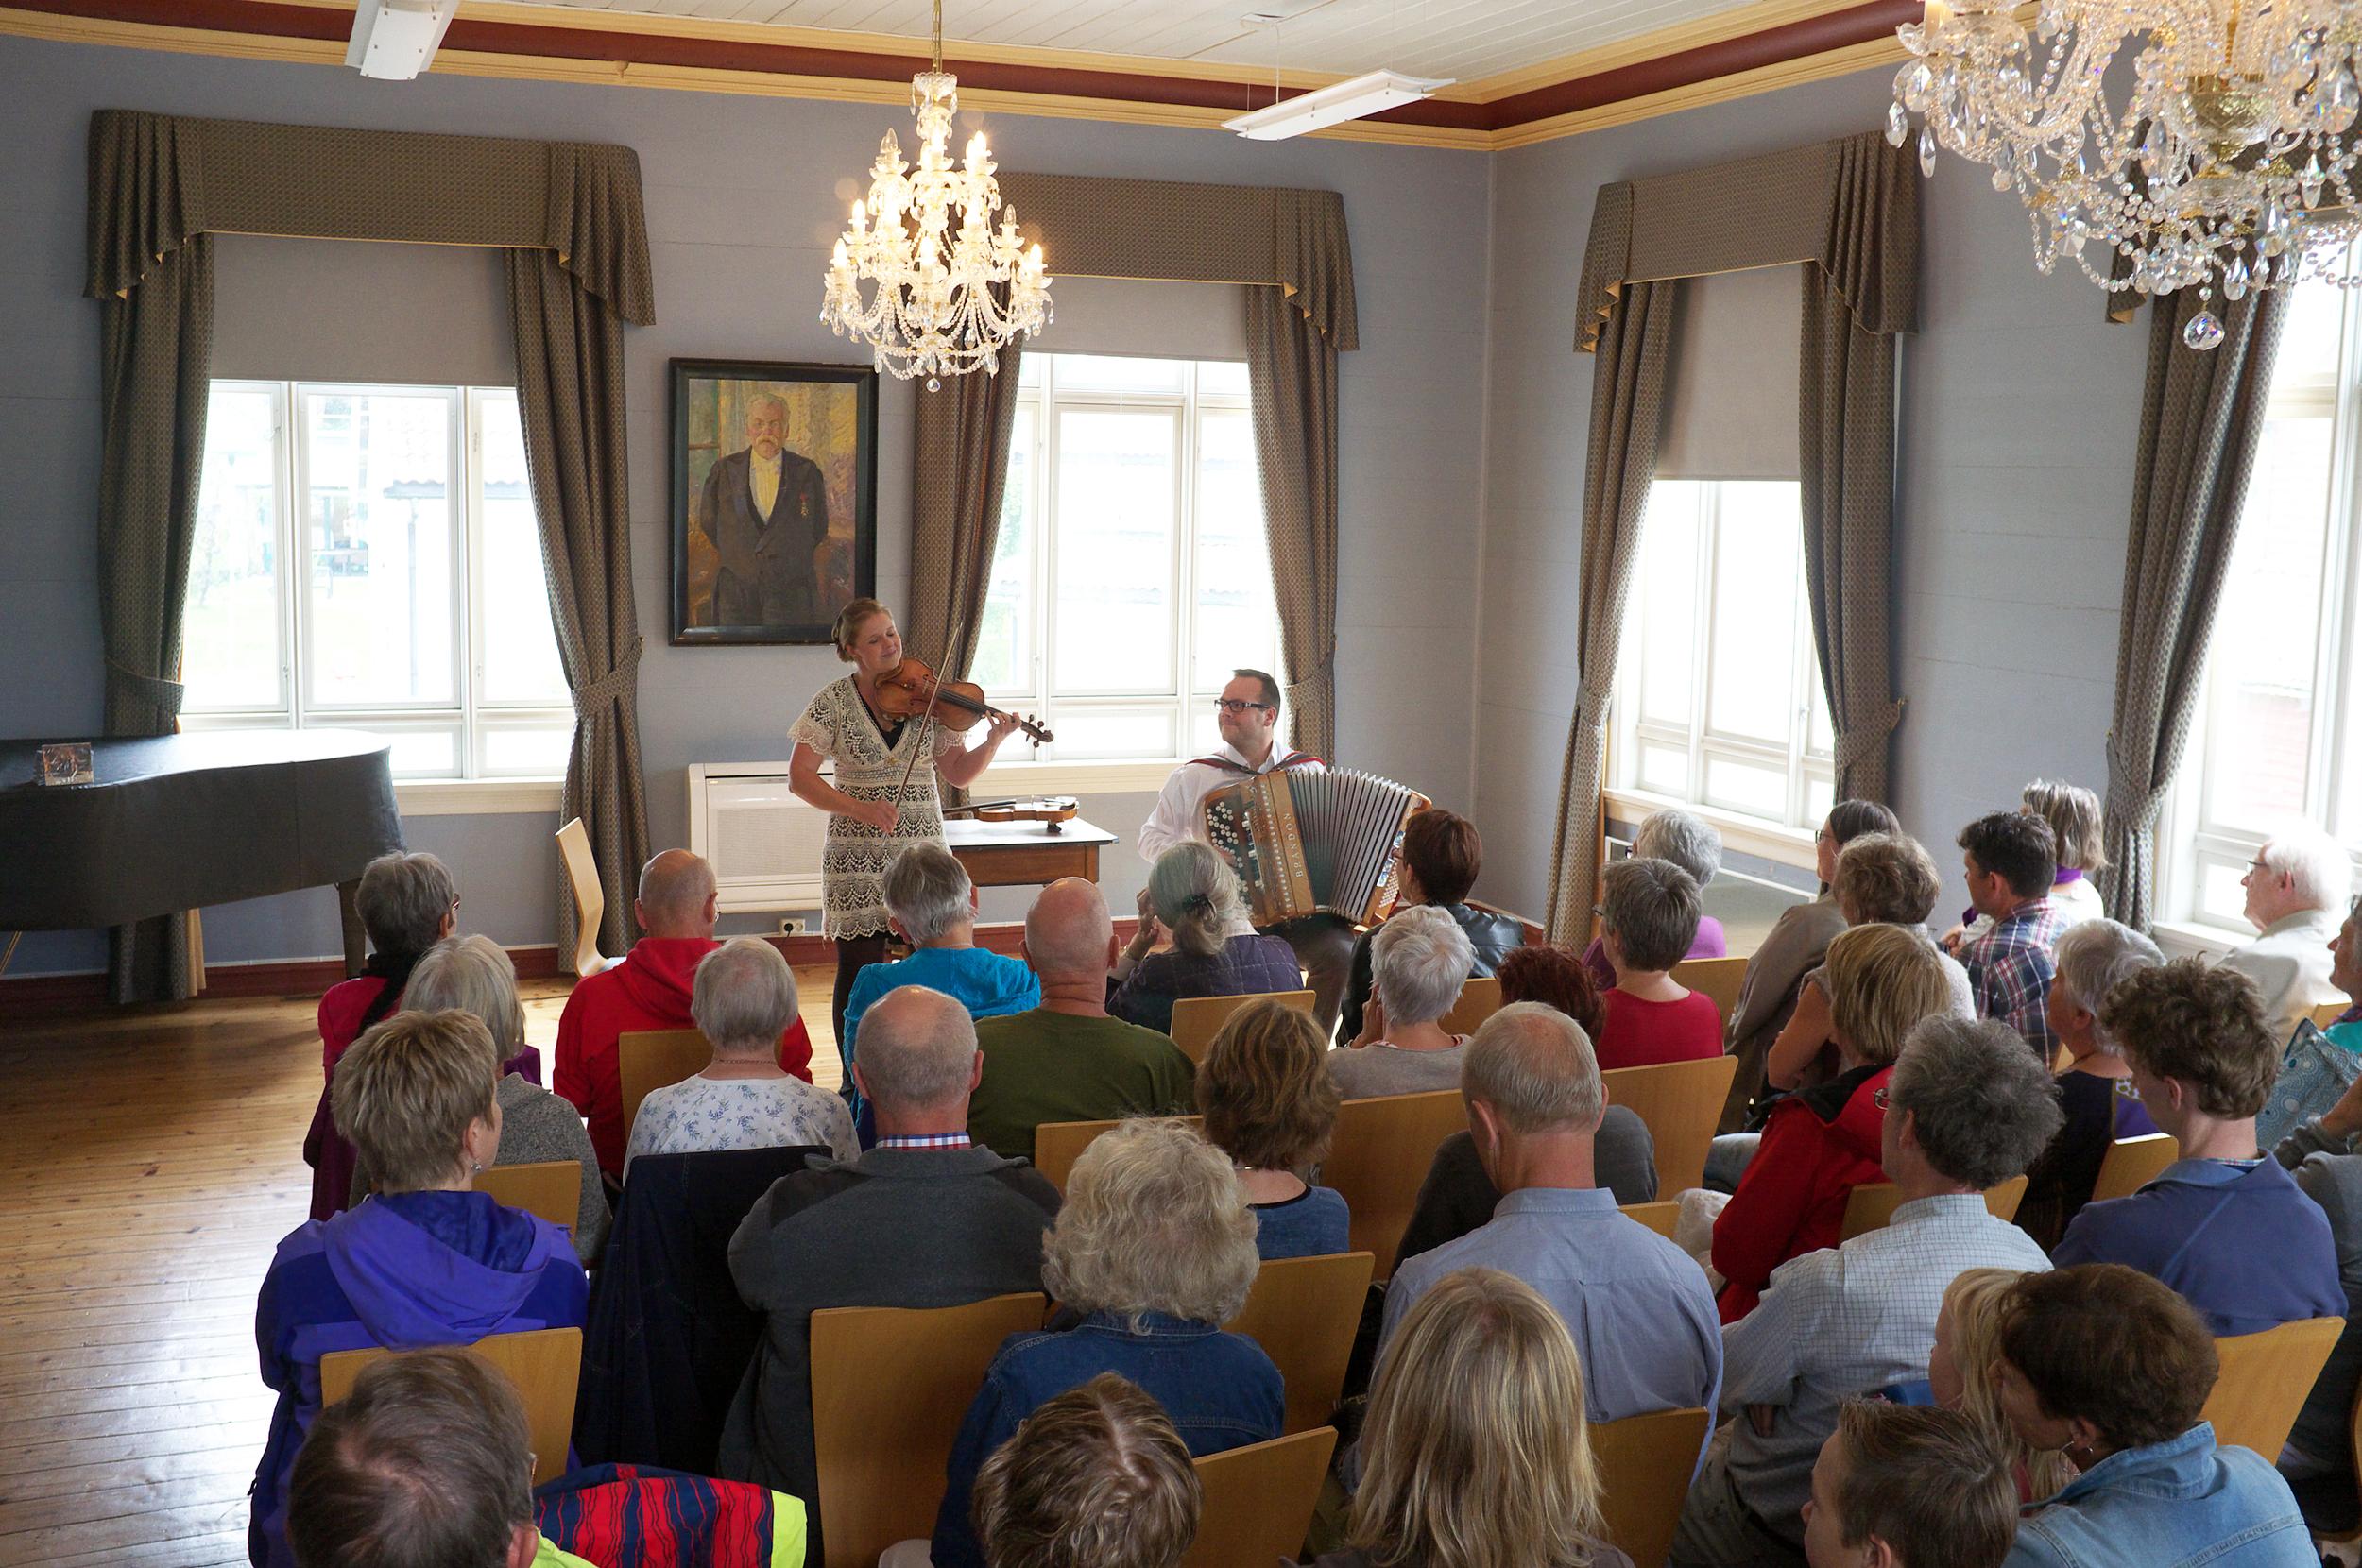 2014 Jorun M Kvernberg og Øyvind Sandum Arvid AnthunDSCF8083.jpg